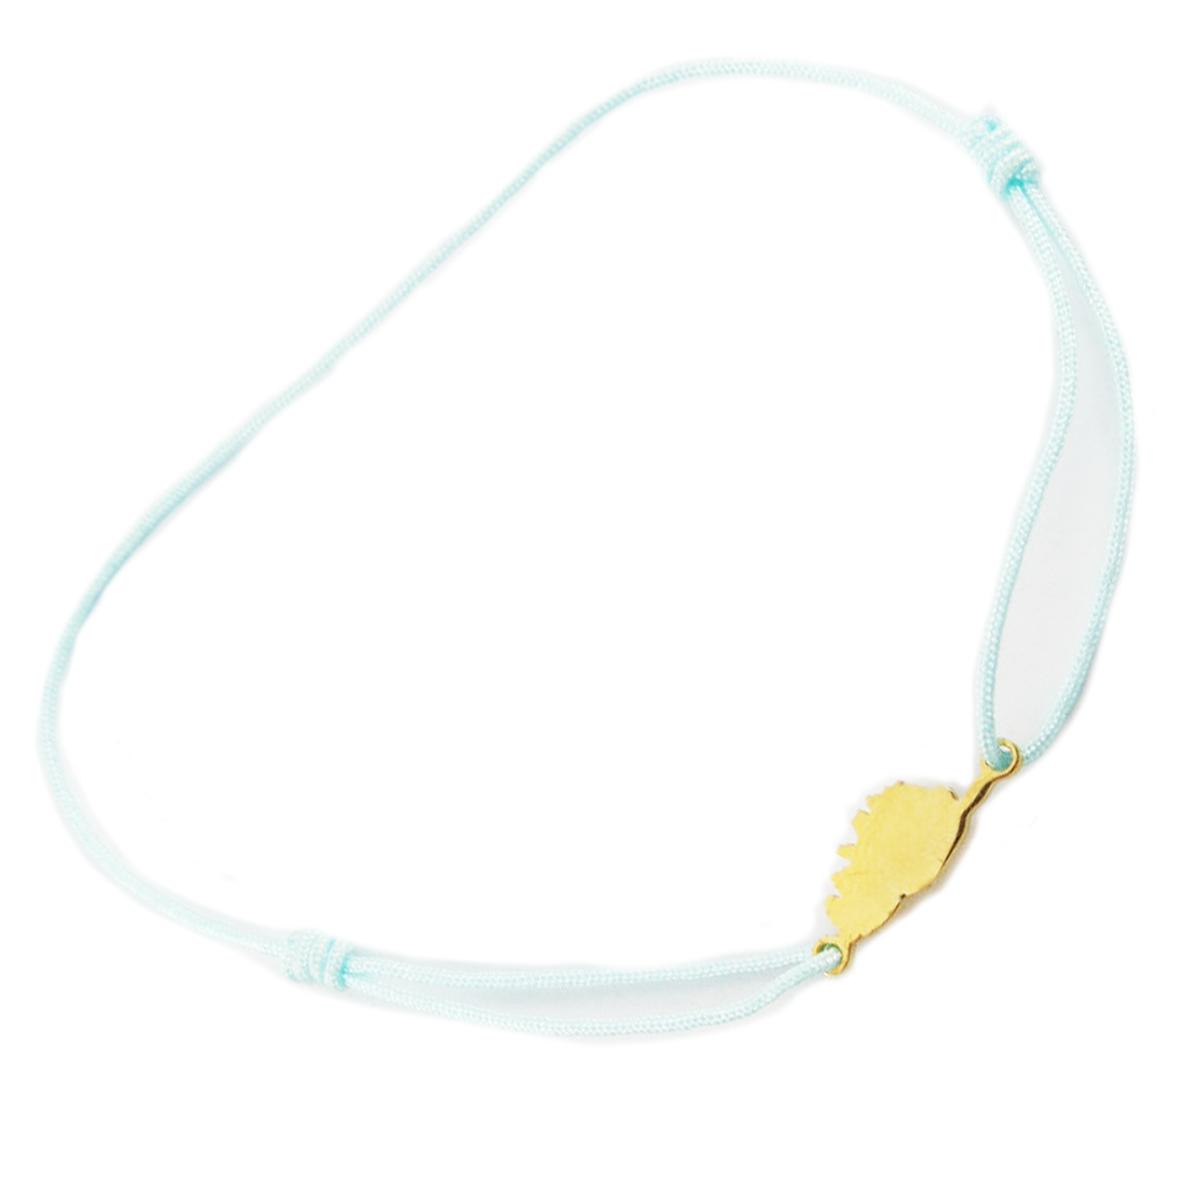 Bracelet acier \'Corsica\' bleu clair doré (corse) - 10x7 mm - [R0170]